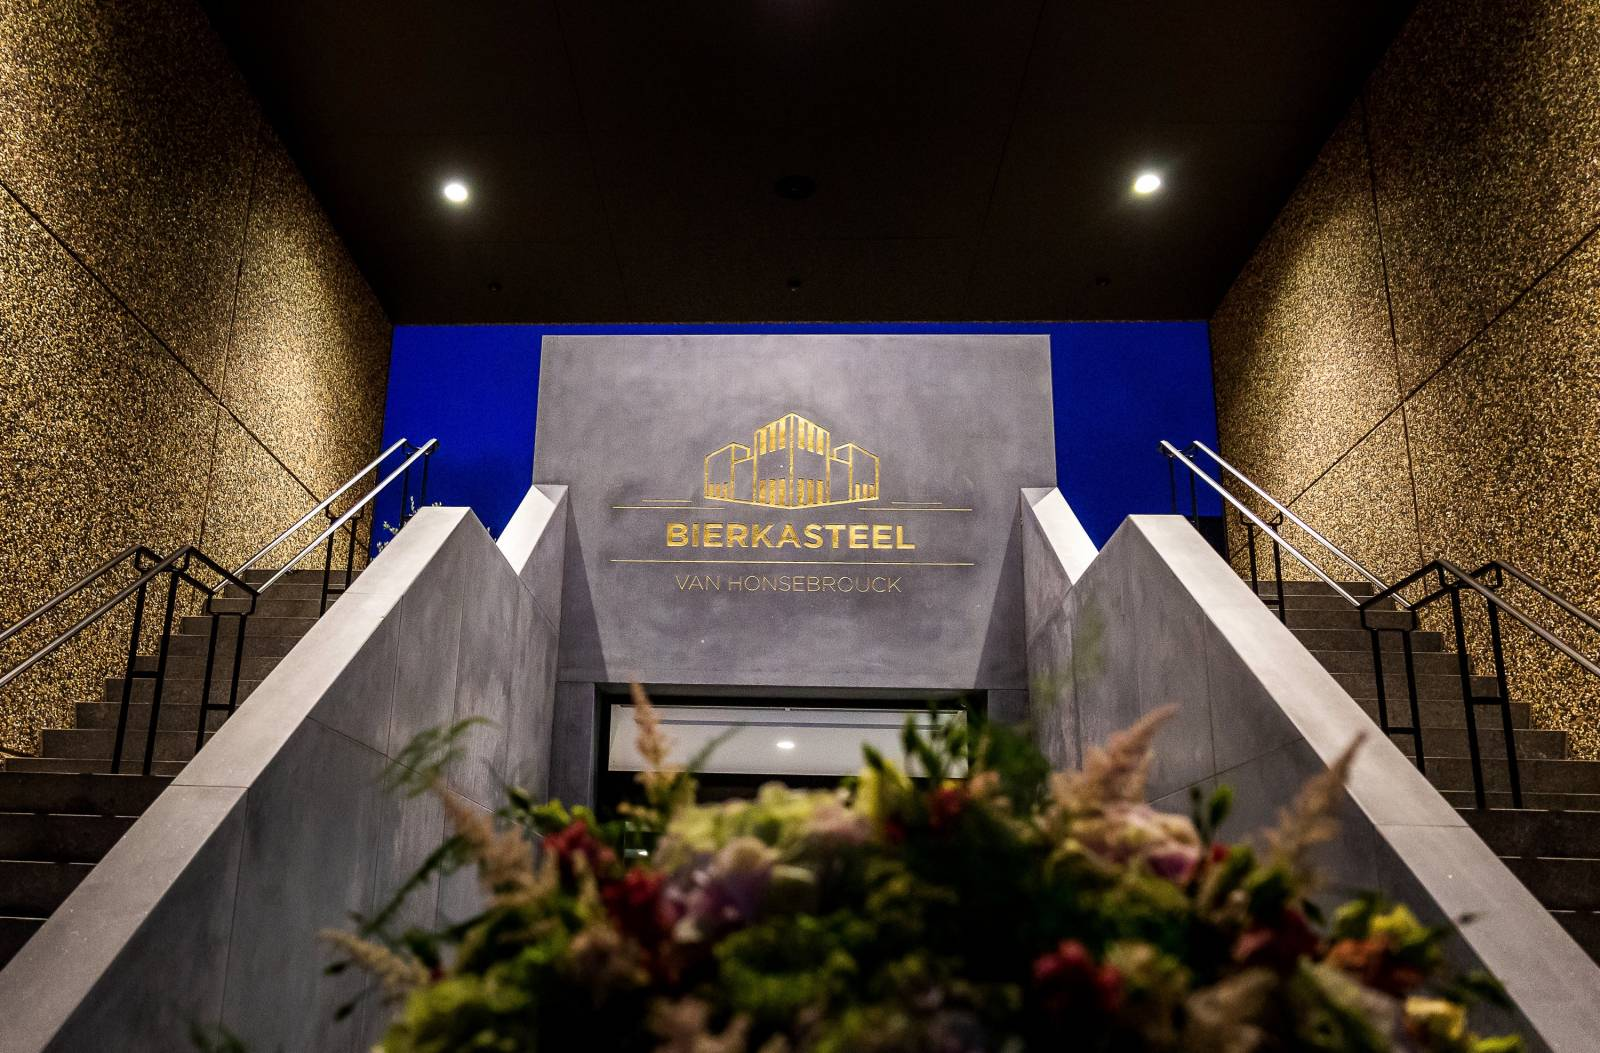 Het Bierkasteel - Feestzaal - Feestlocatie - Brouwerij - Restaurant - Industrieel - Izegem (West-Vlaanderen) - House of Events - 1